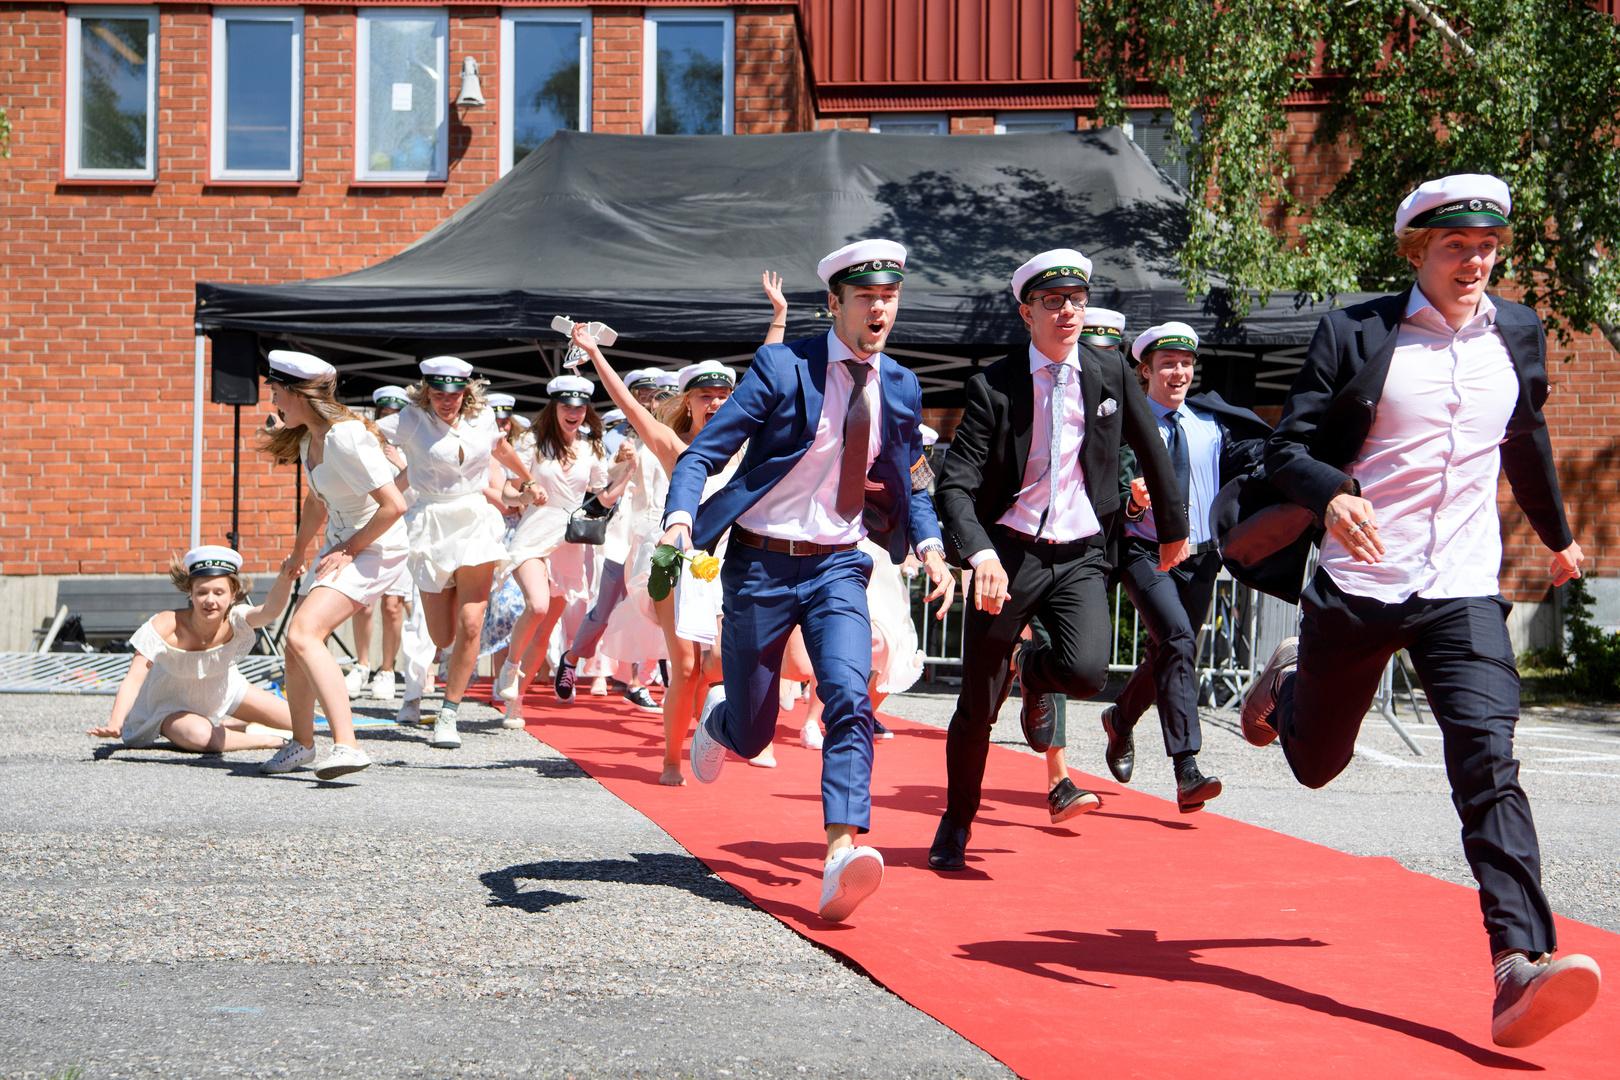 السويد تعلن توسيع عملية التعليم عن بعد للمدارس الثانوية